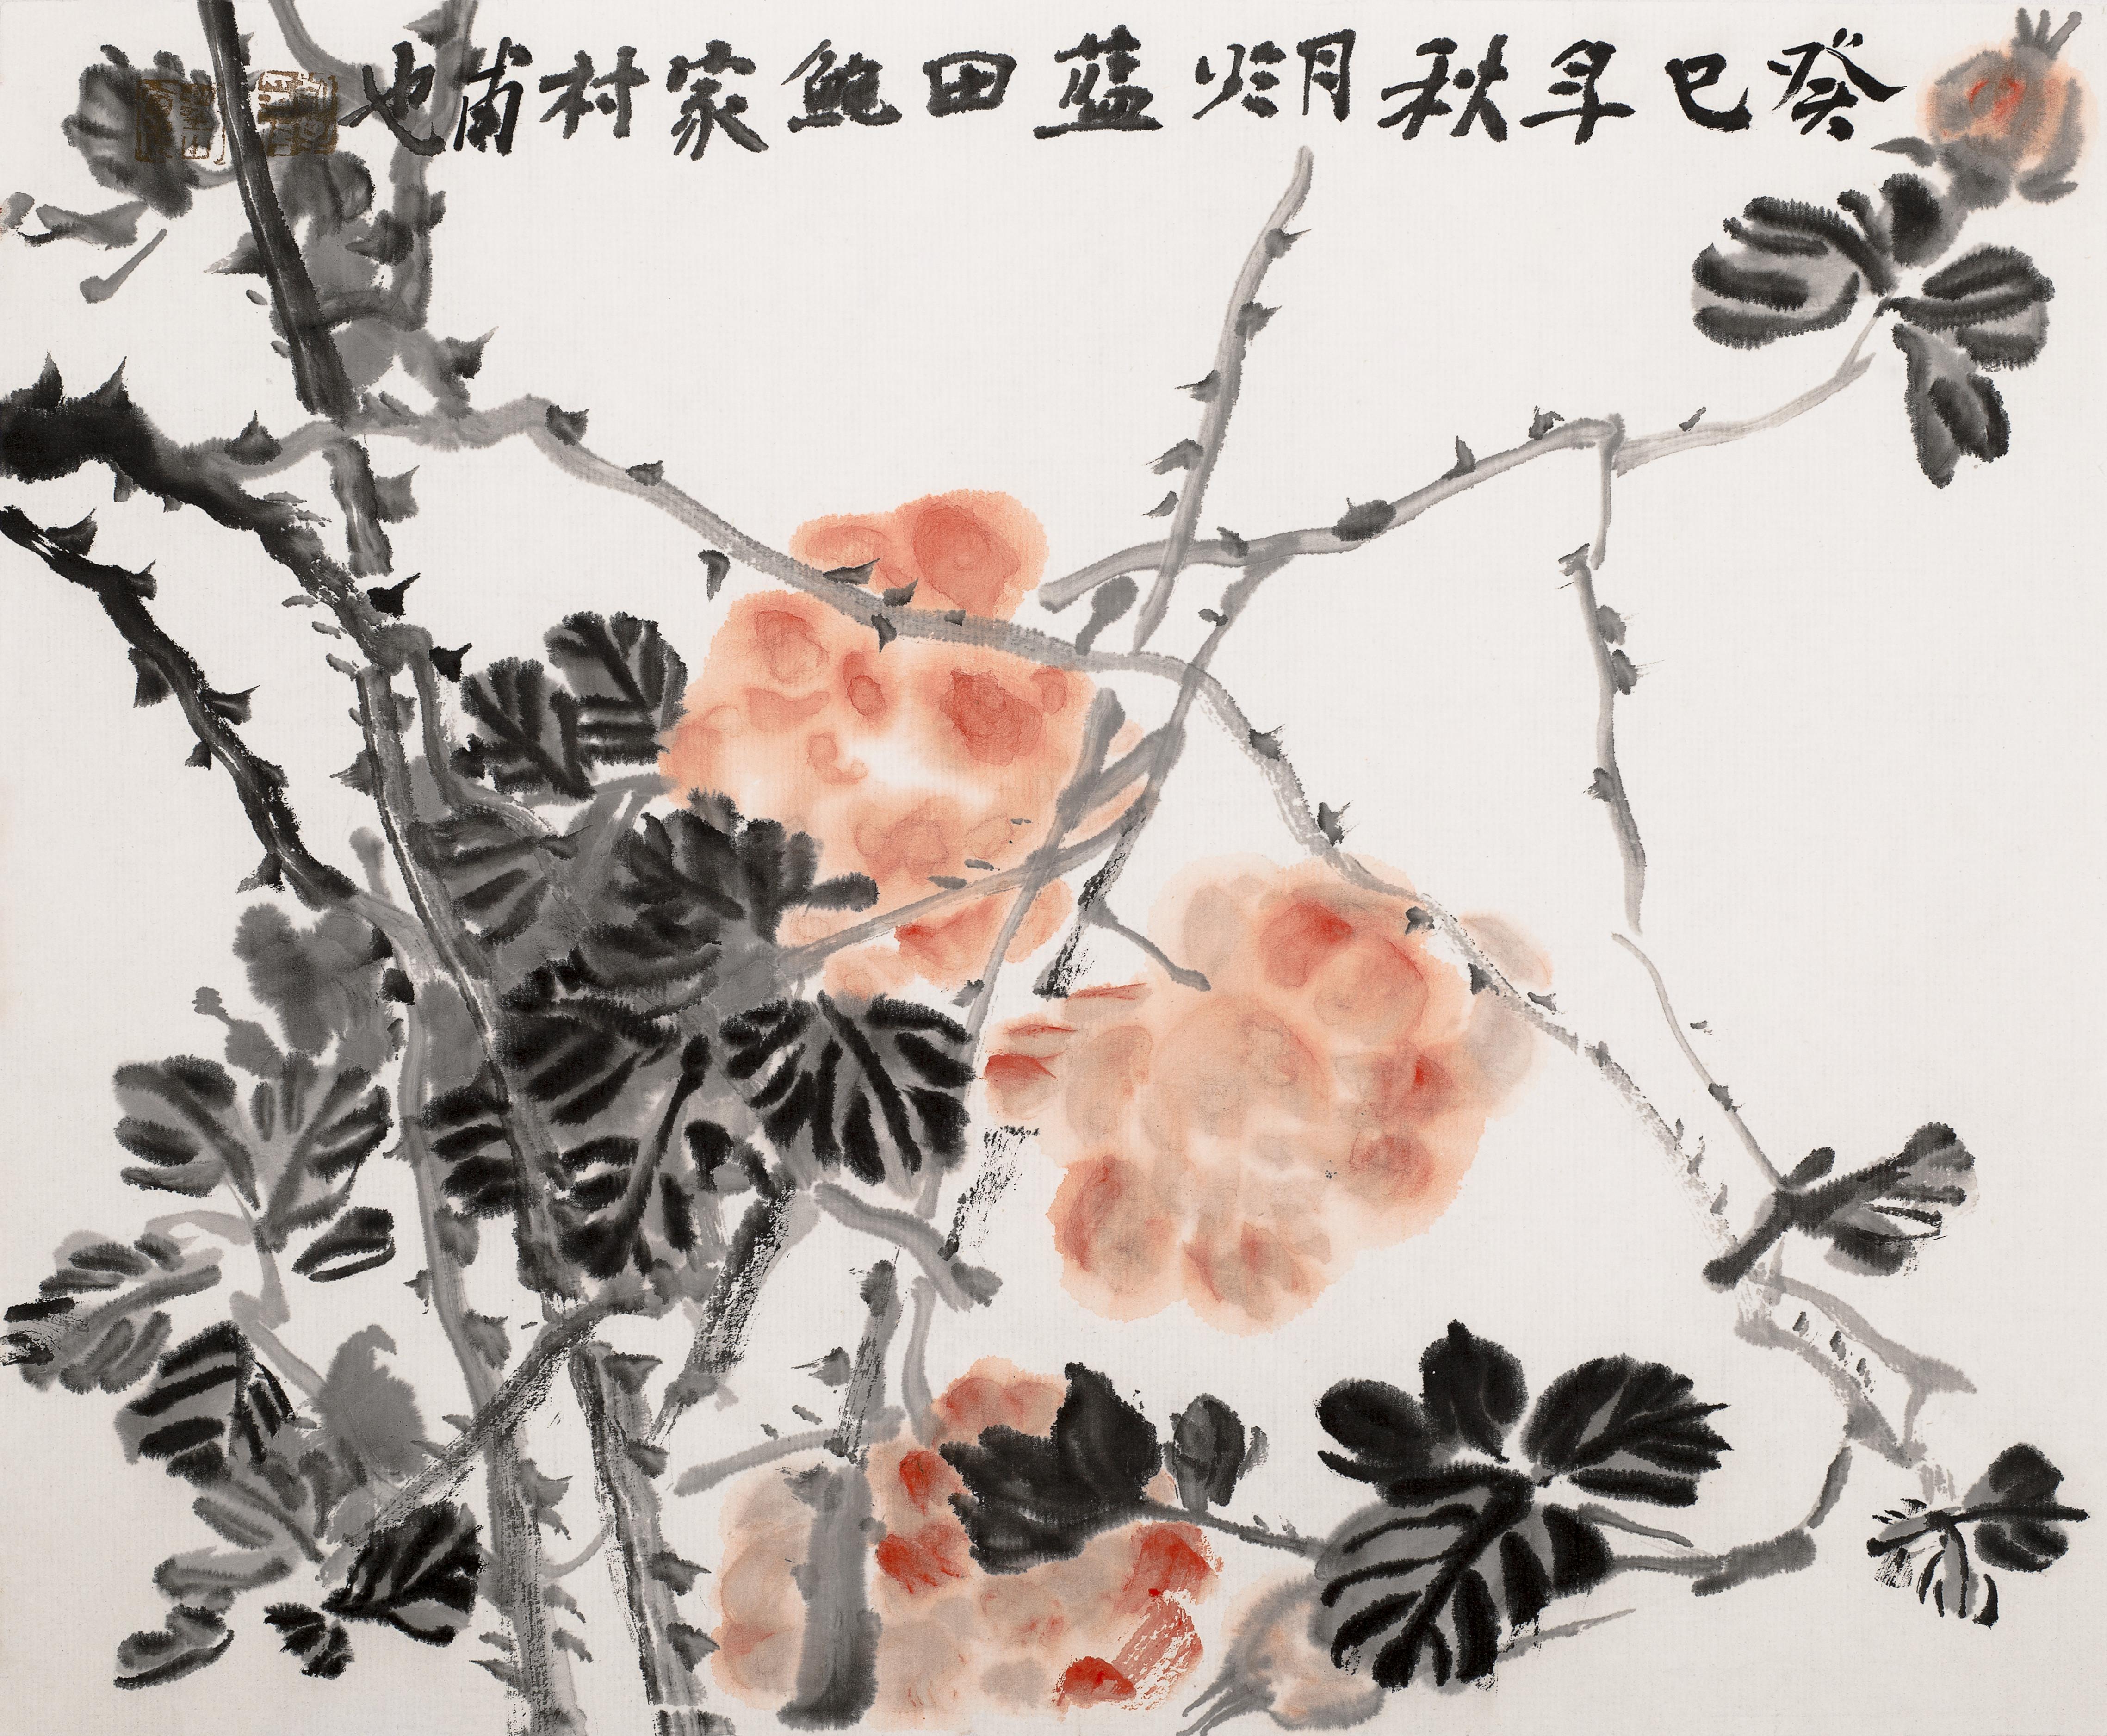 凤凰陕西书画频道个人专栏图片